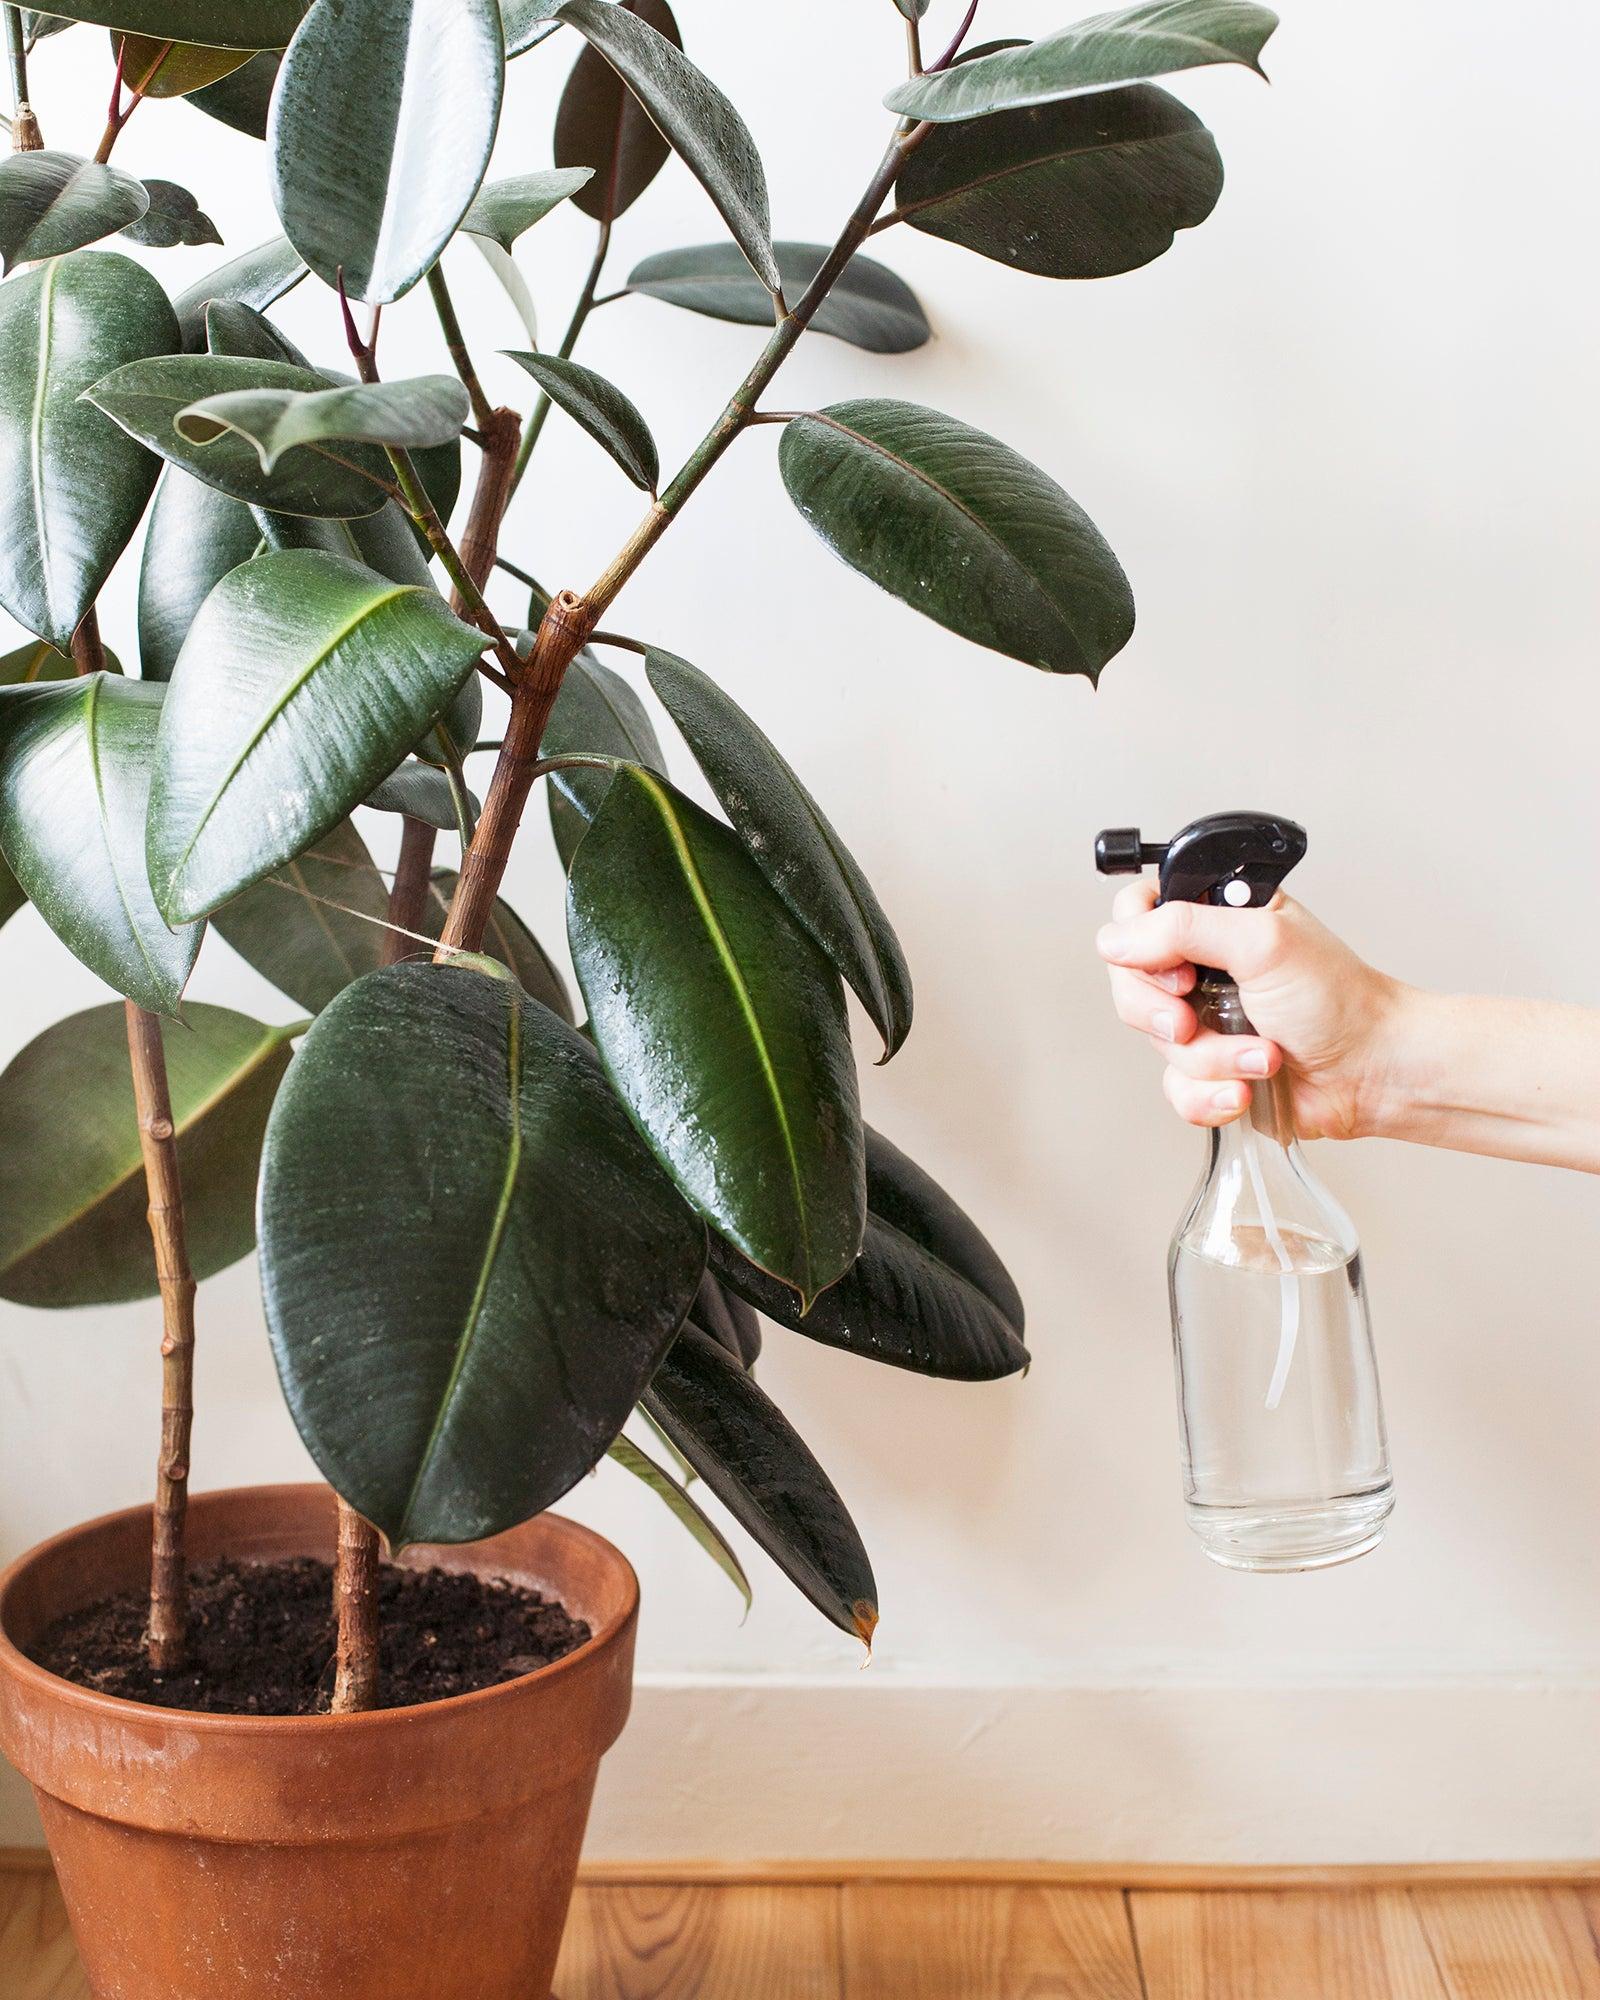 Mama Botanica, kamerplanten, herfst, winter, verzorging, ficus elastica, plantenspuit